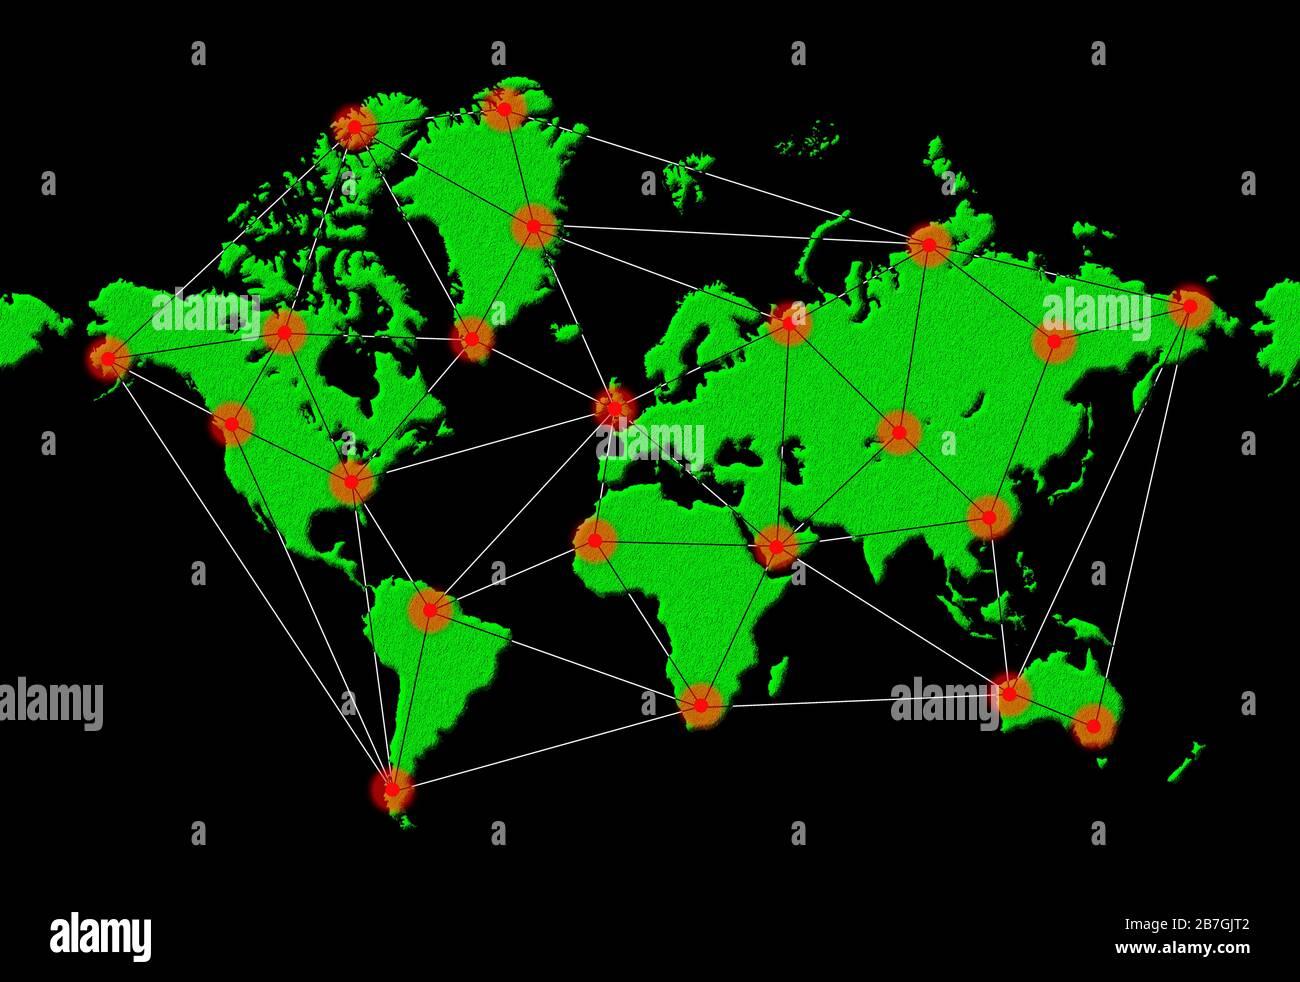 Ilustración para mostrar la propagación mundial de una infección o enfermedad o virus infecciosos en todo el mundo, durante una epidemia o pandemia. Foto de stock